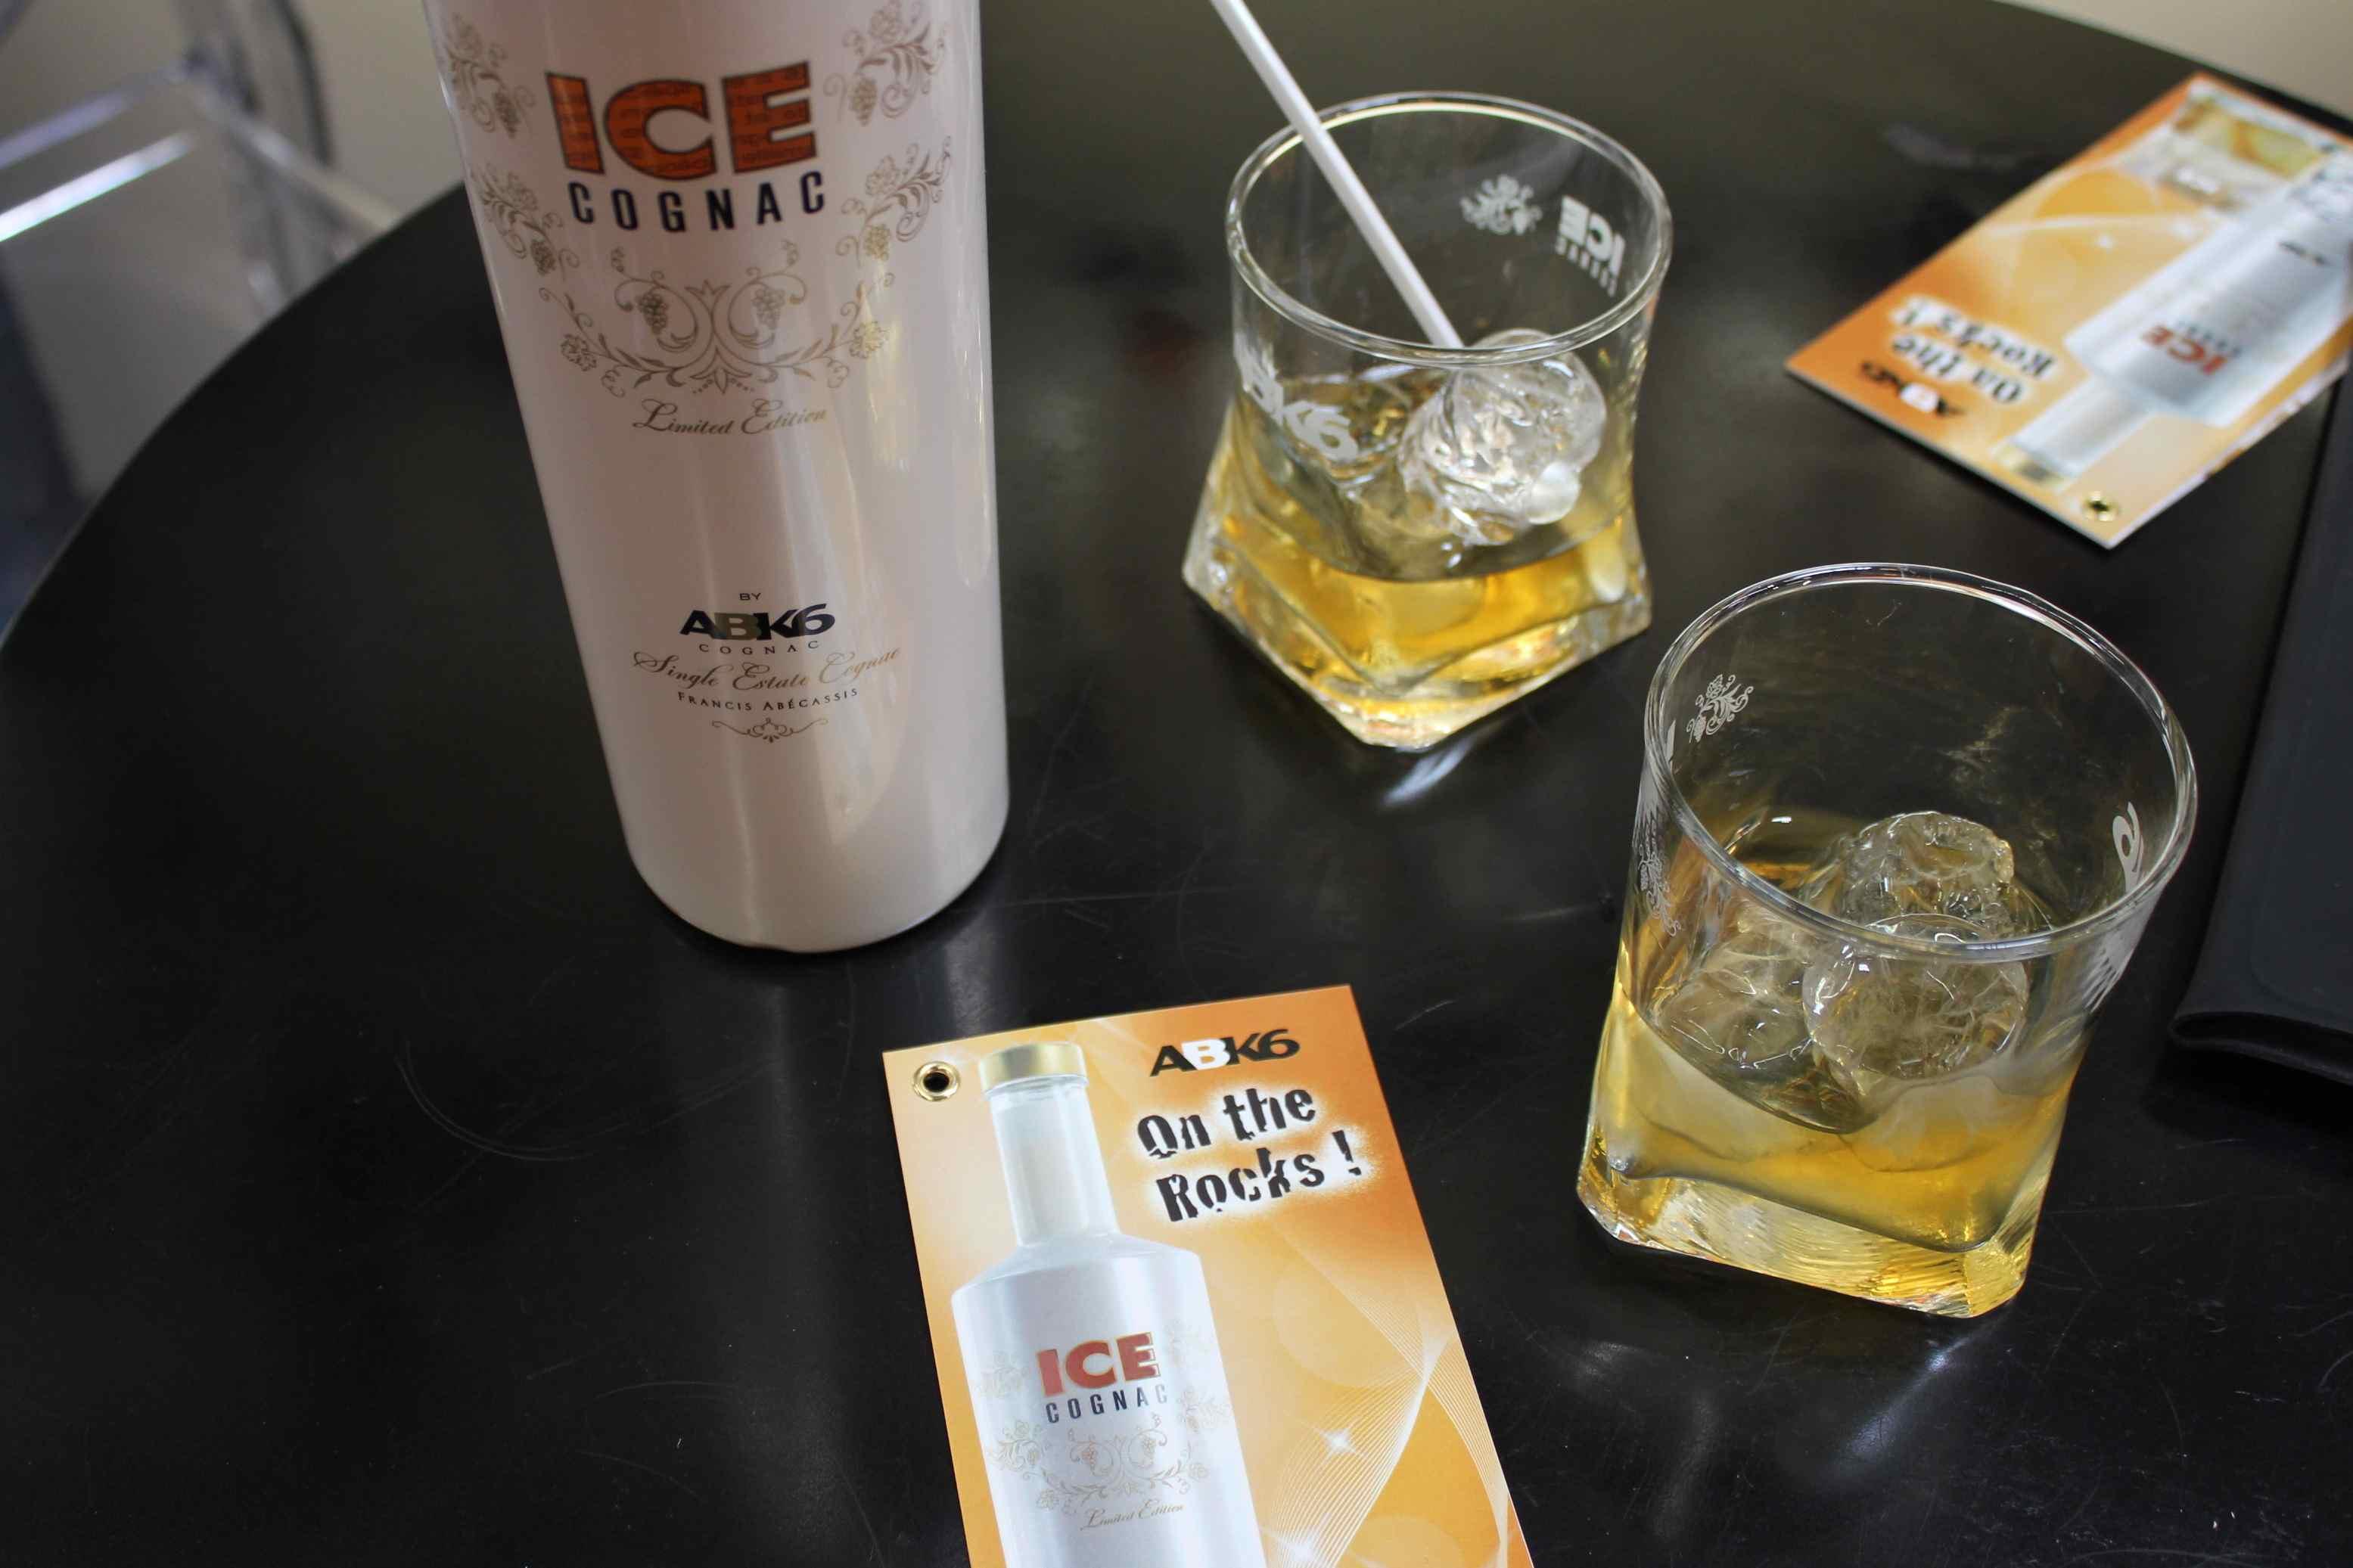 ABK6's Ice Cognac